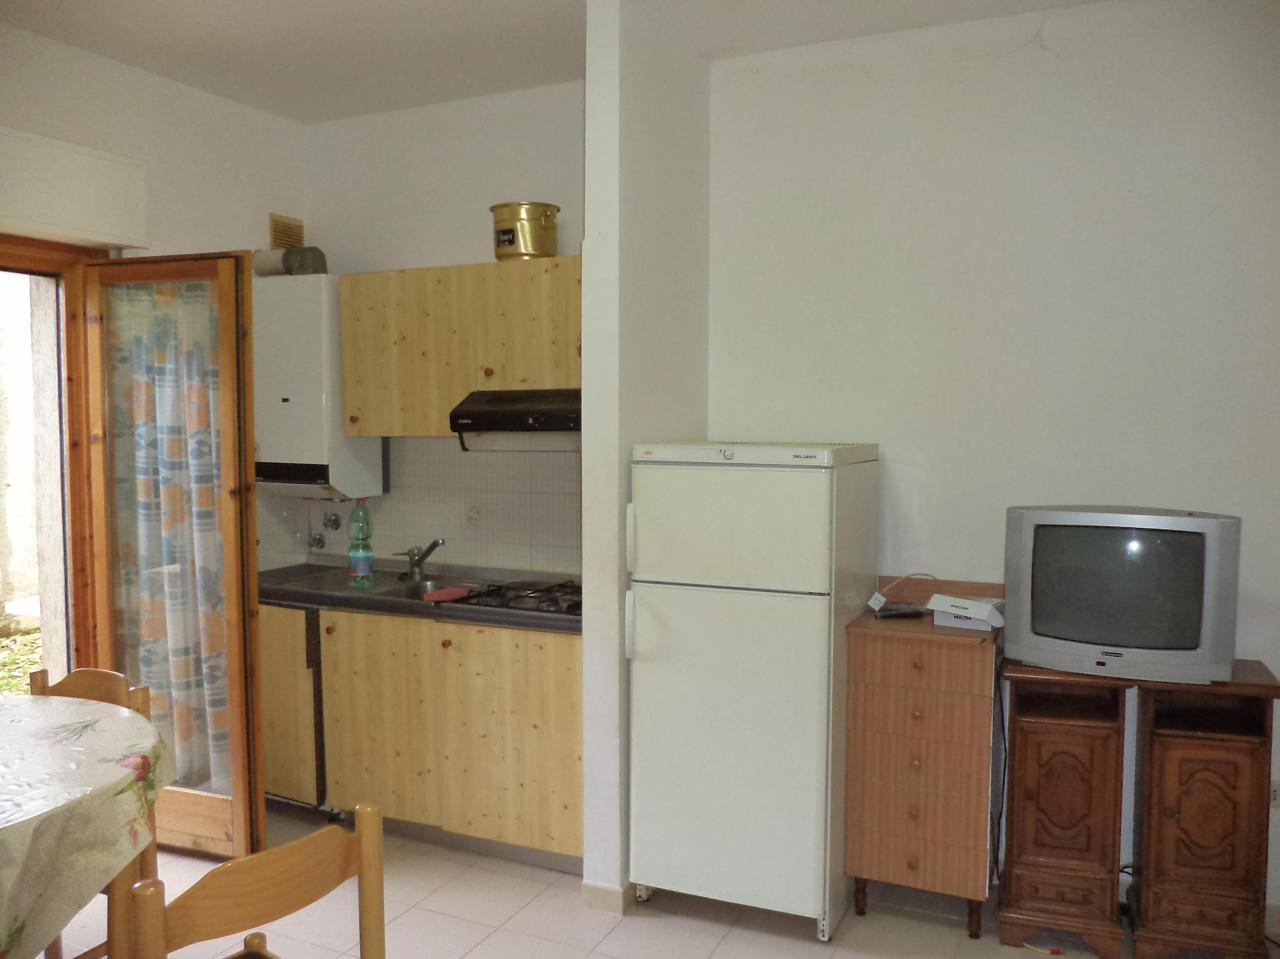 Appartamento in vendita a Caramanico Terme, 3 locali, prezzo € 50.000 | PortaleAgenzieImmobiliari.it